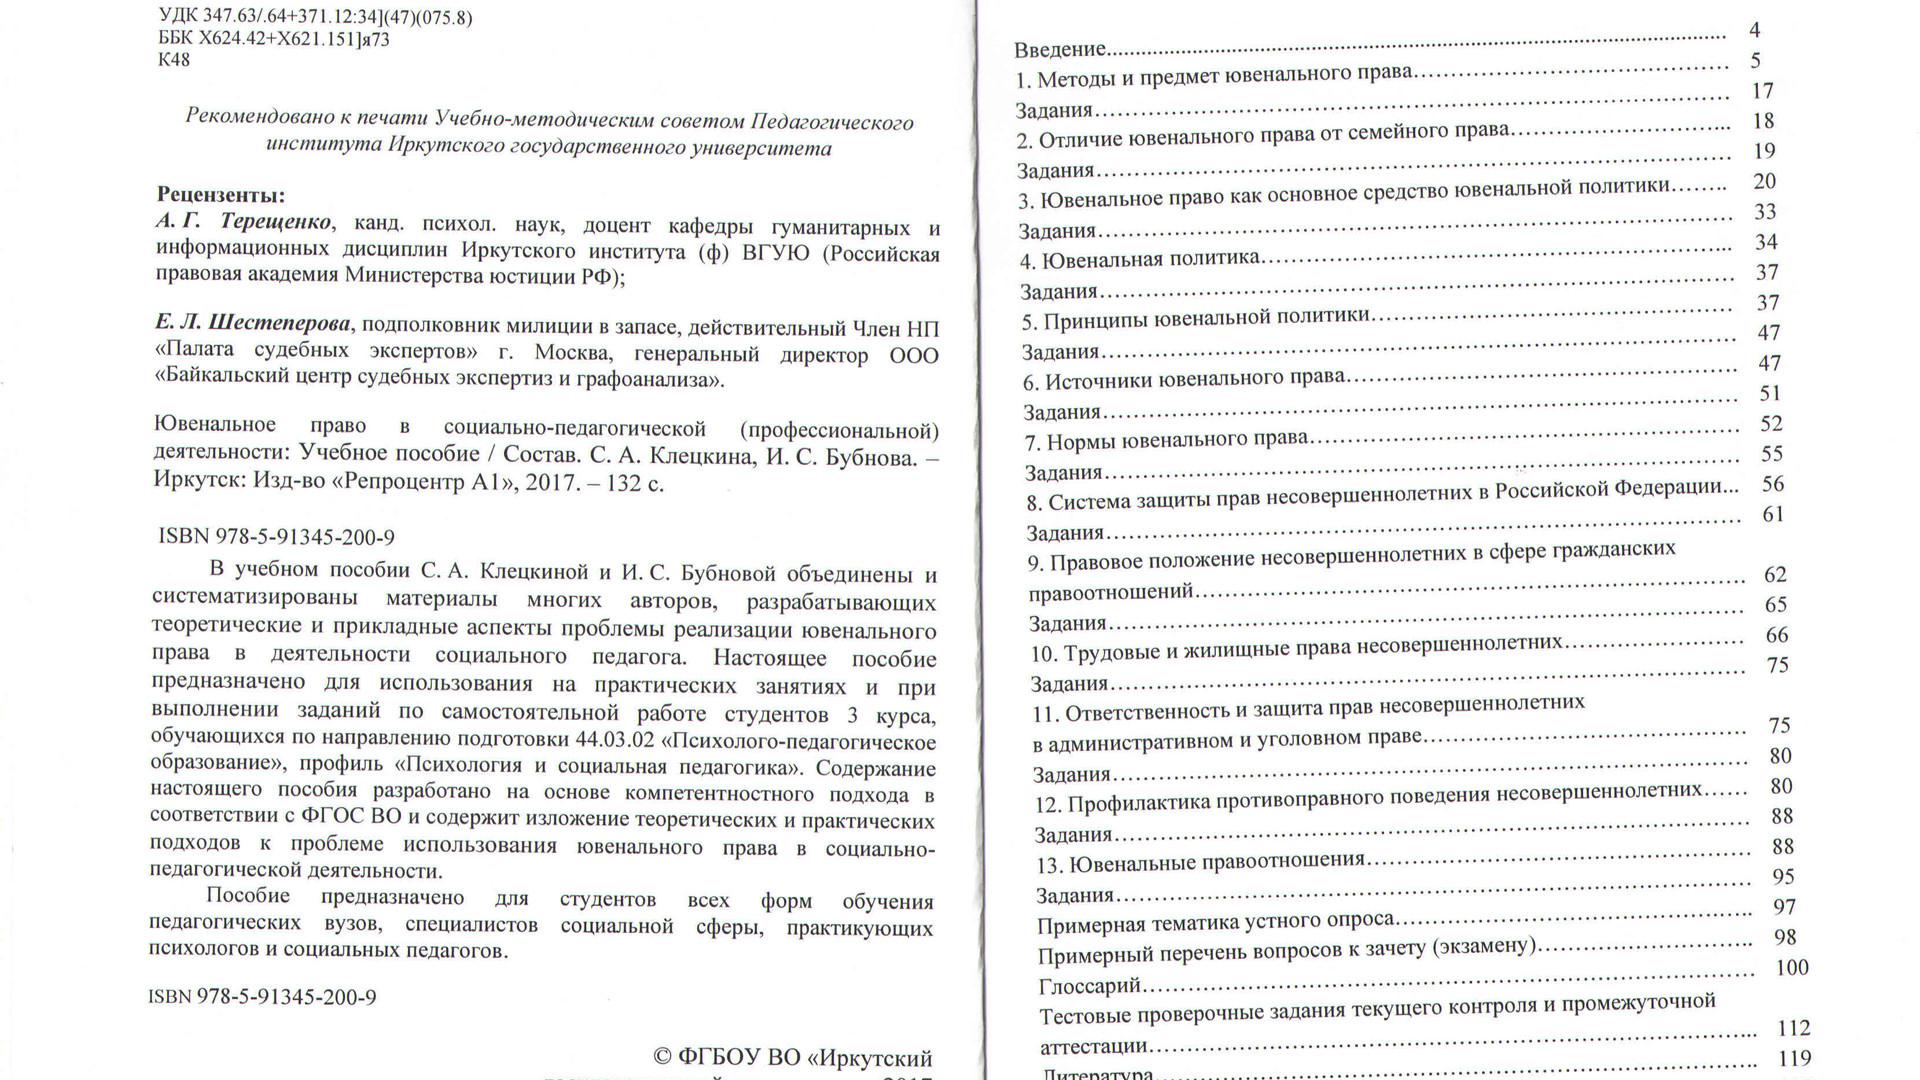 Учебное пособие4.jpg